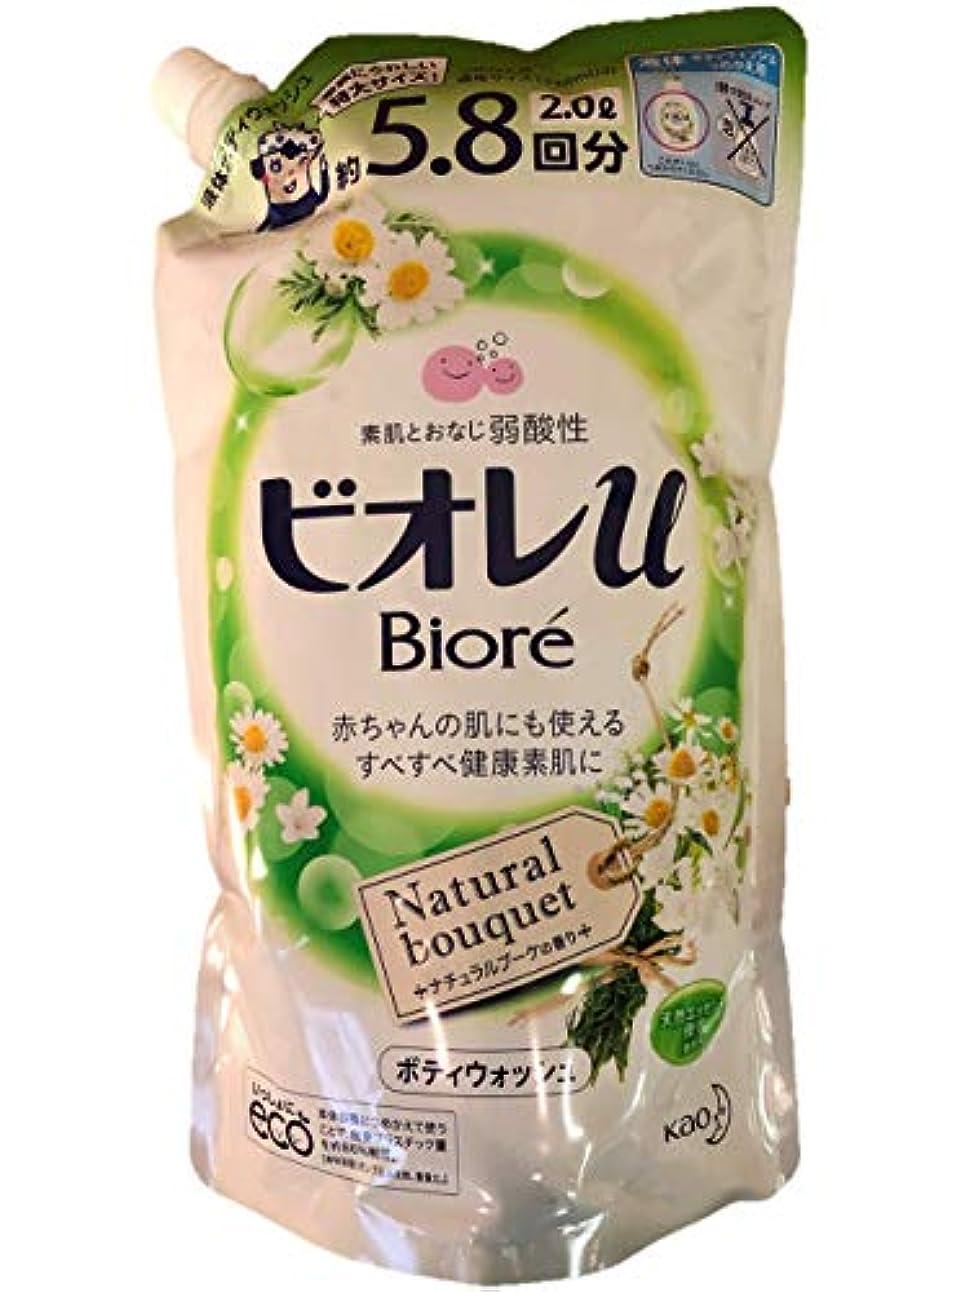 バレル櫛美容師【大容量】ビオレu 詰め替え用 ナチュラルブーケの香り 5.8回分 2L